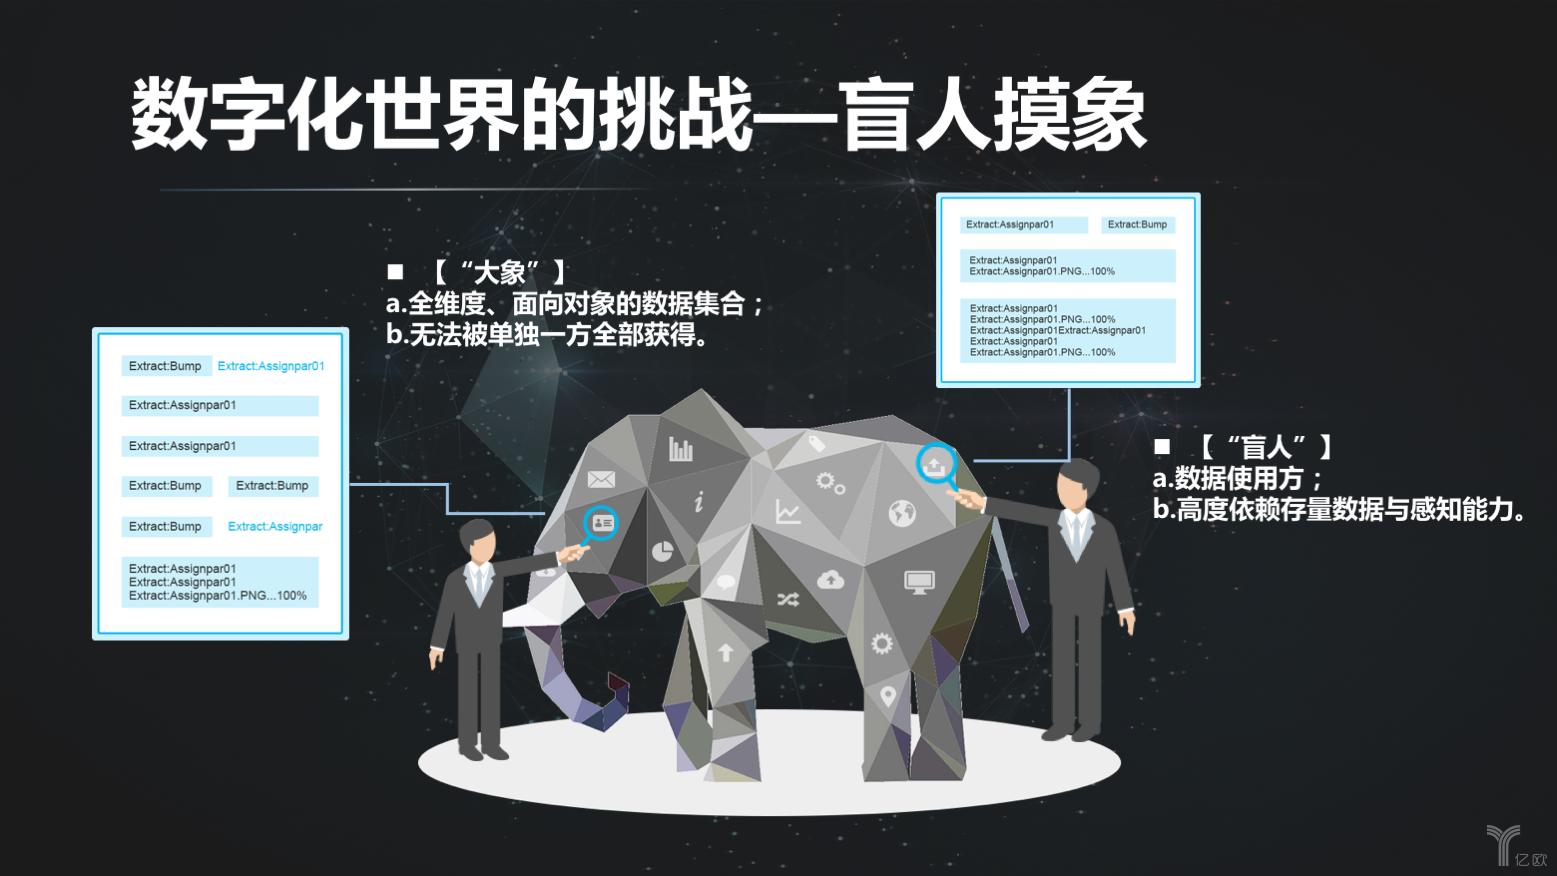 矩阵元孙立林:场景业务化、业务数据化、数据资产化、数据交换货币化